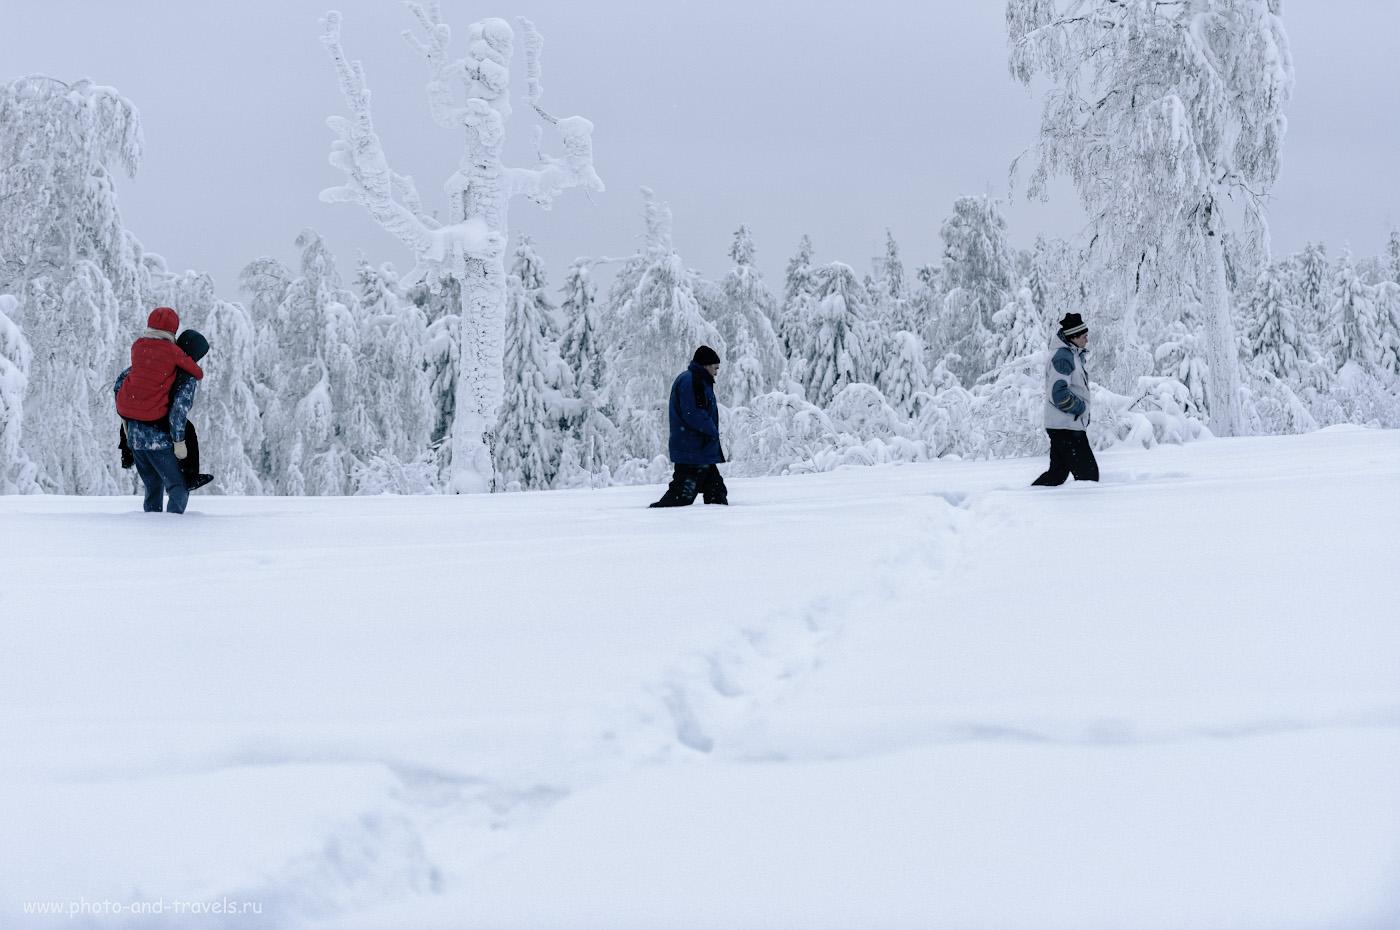 10. Туристы идут со смотровой площадки «Белые камни» в окрестностях города Гремячинск. 1/320, 2.8,100, +1.33, 85.